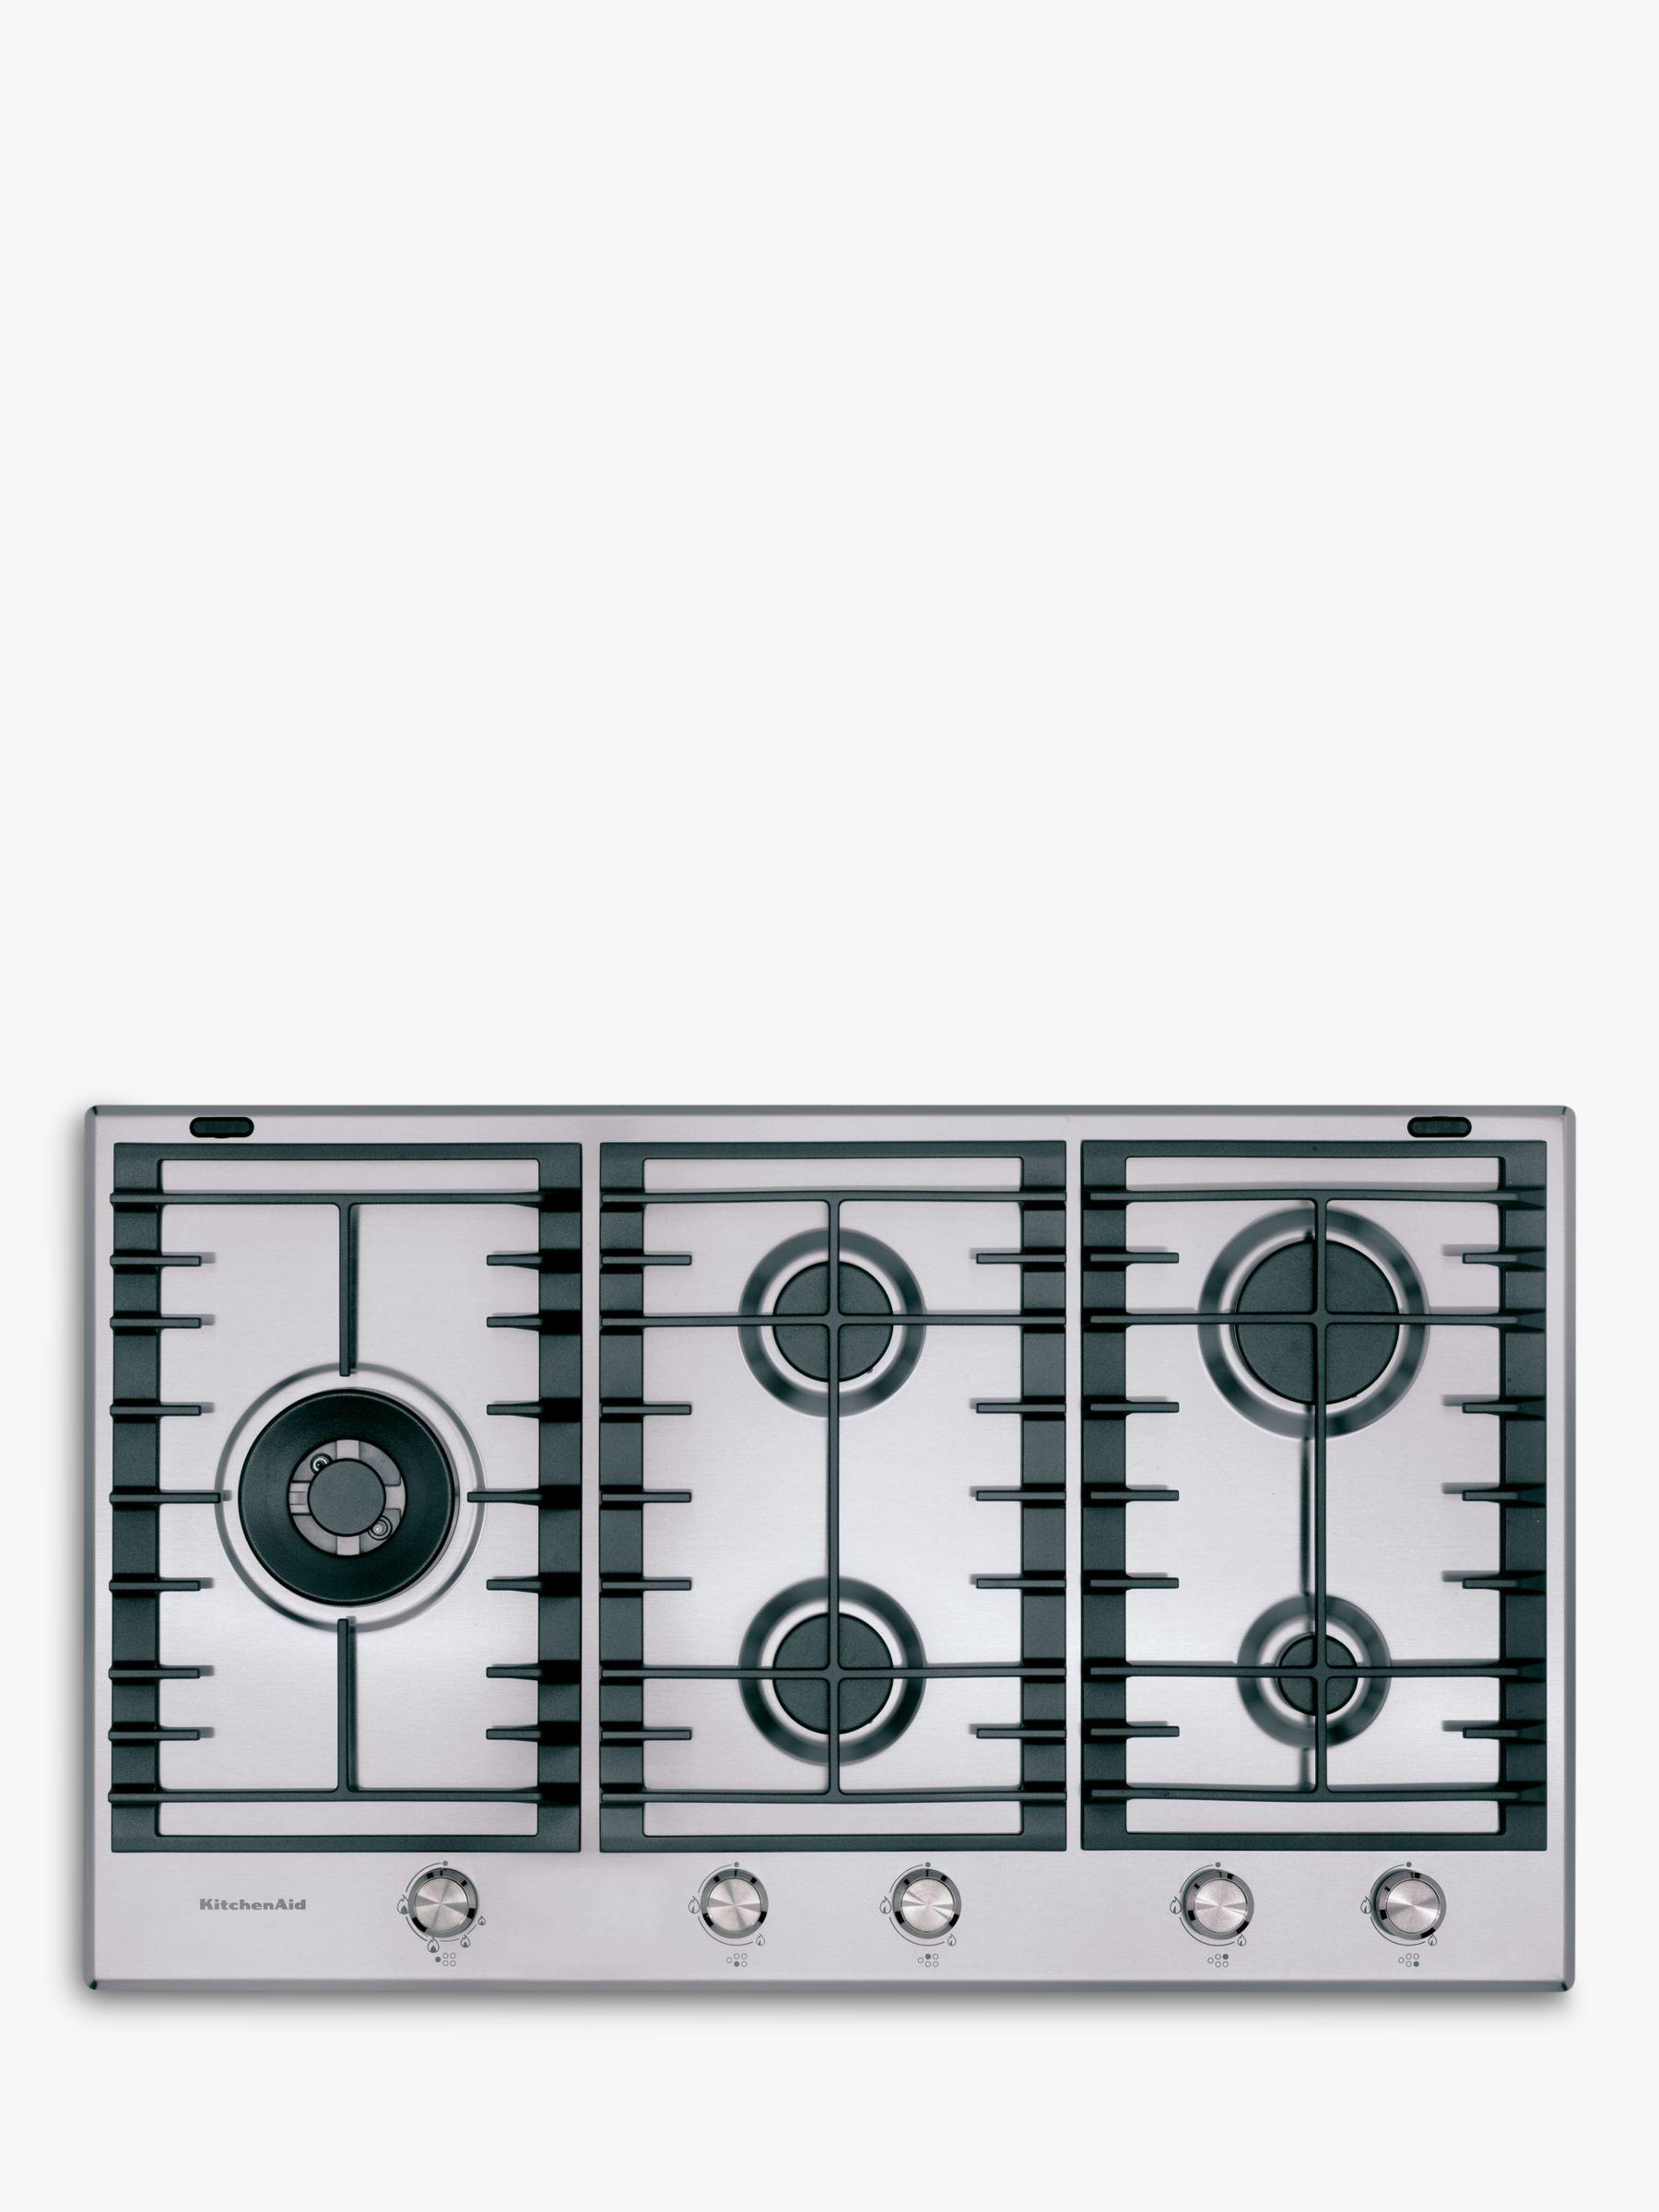 KitchenAid KitchenAid KHMP586510 Gas Hob